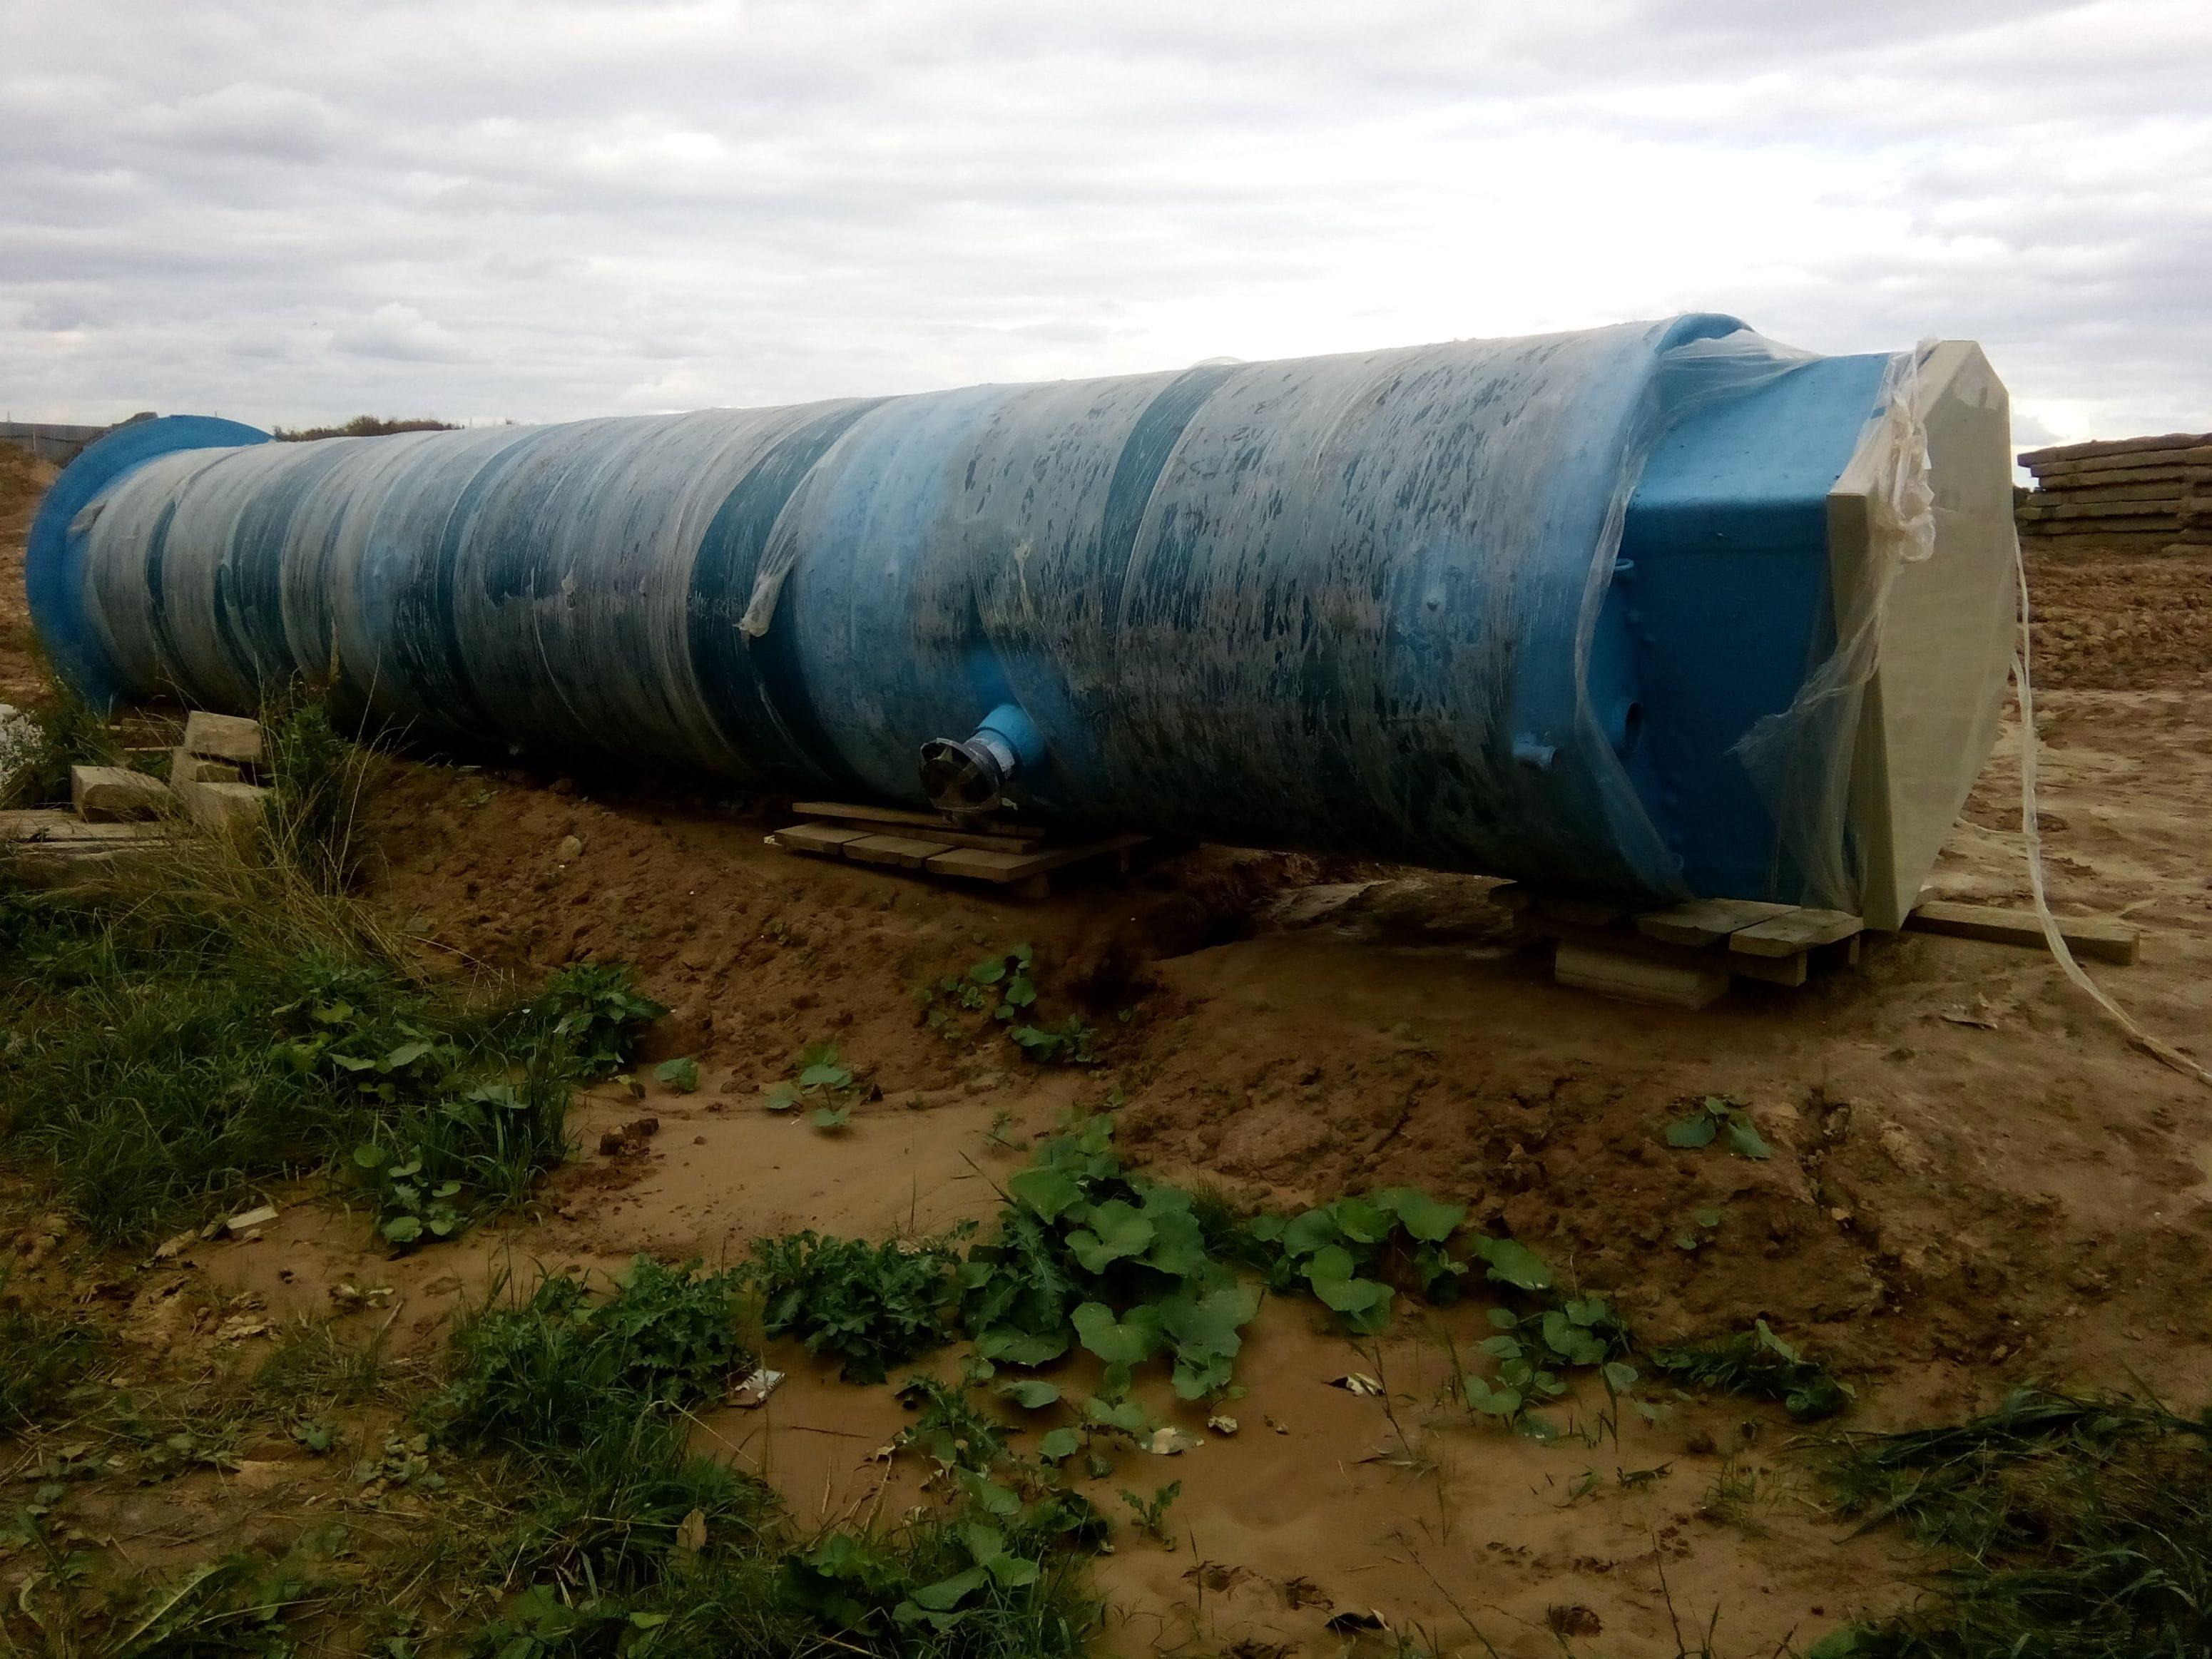 КСН Чистовод - канализационная насосная станция - Установка